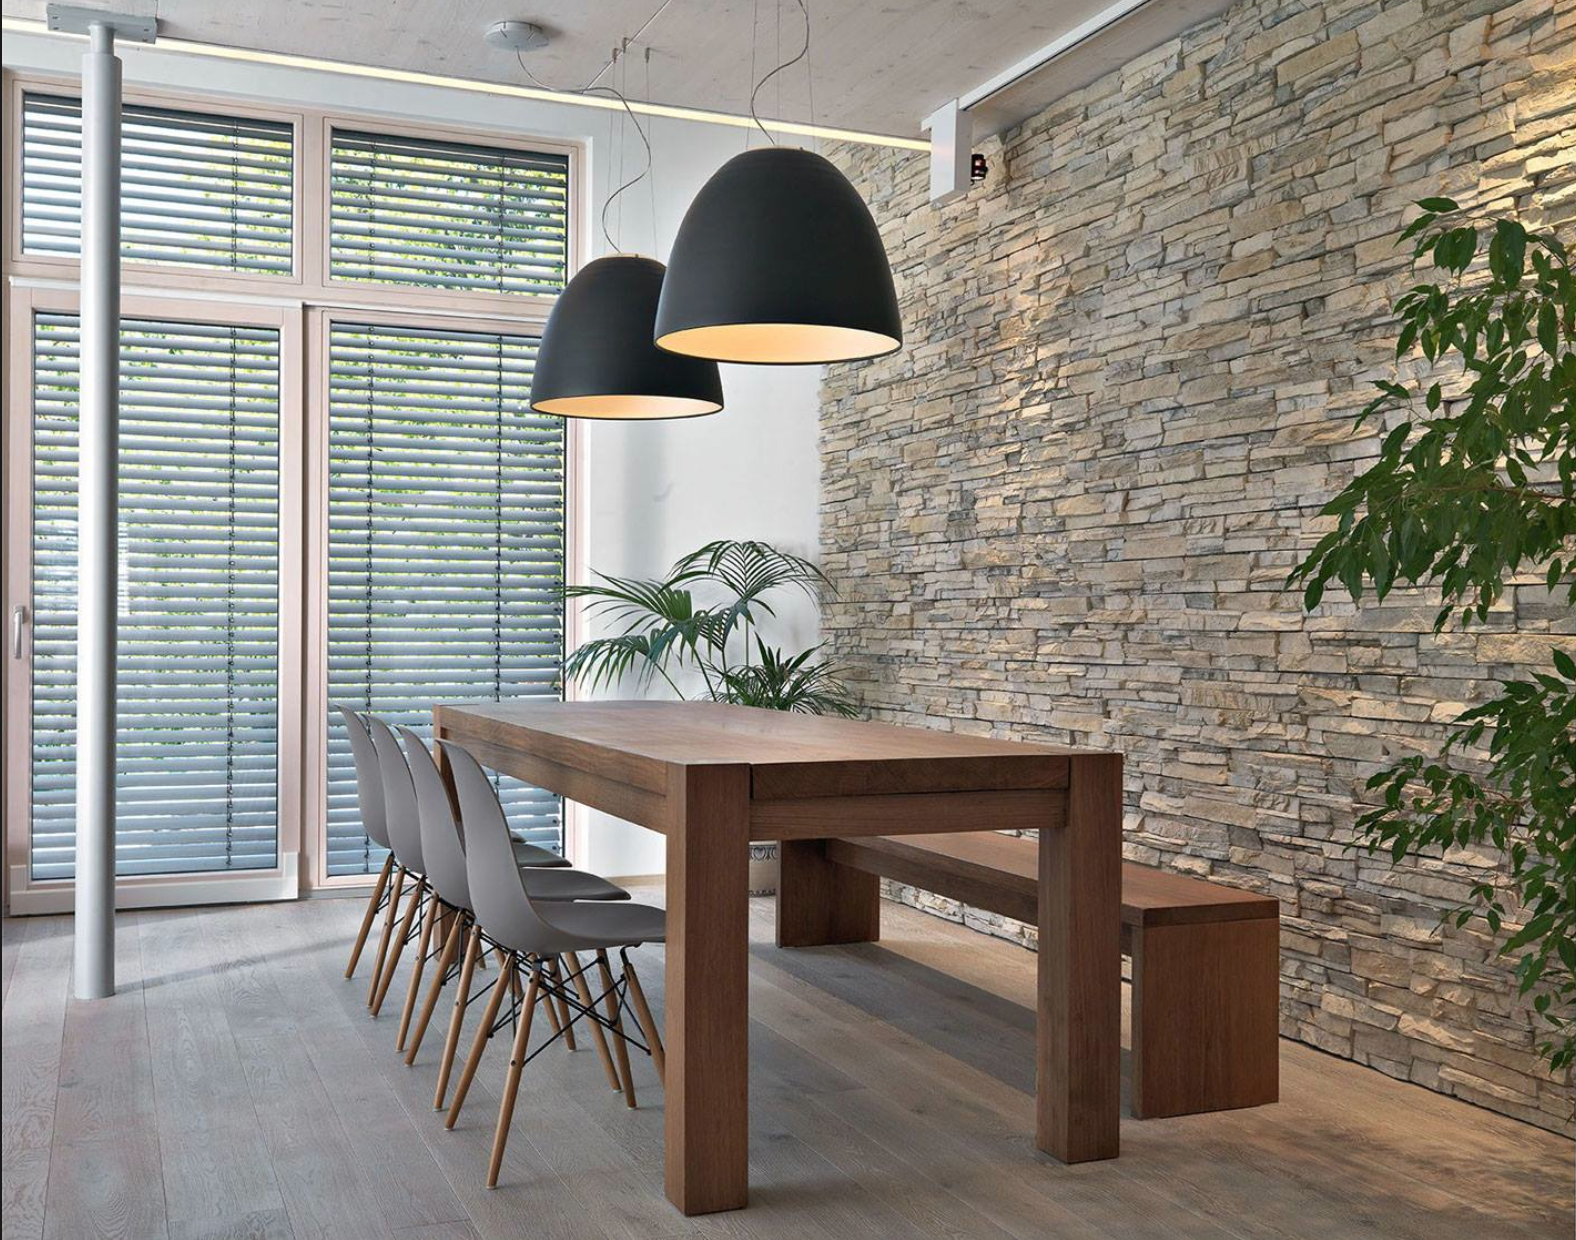 Stenen aan de muur met op de vloer dezelfde tegels als in de keuken ...